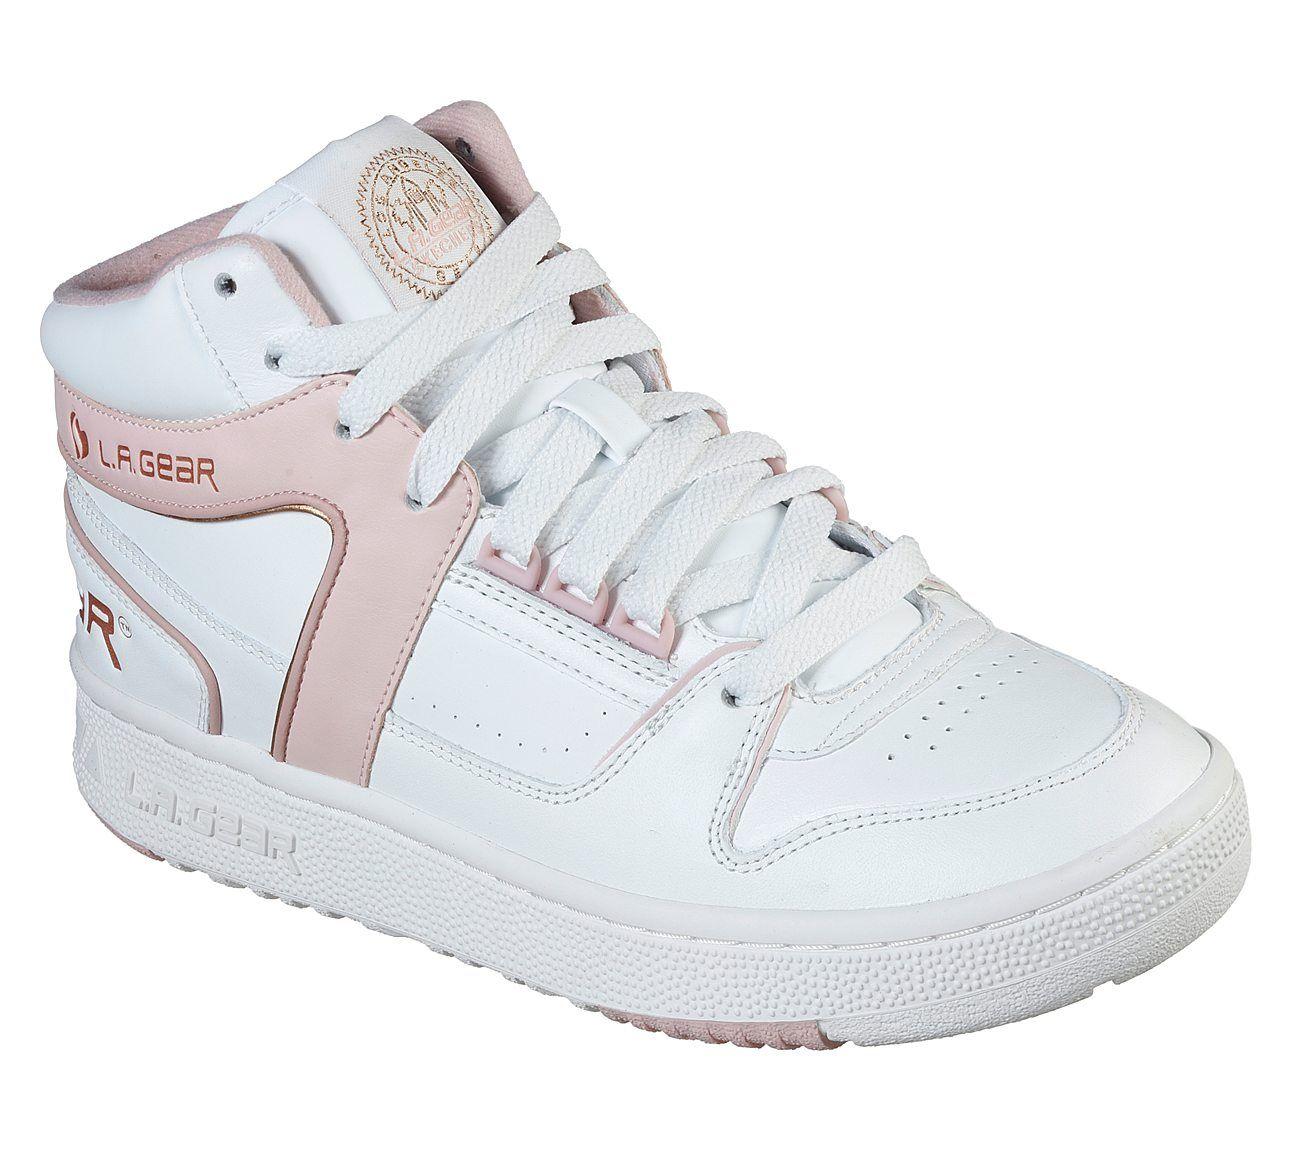 Skechers, La gear sneakers, High